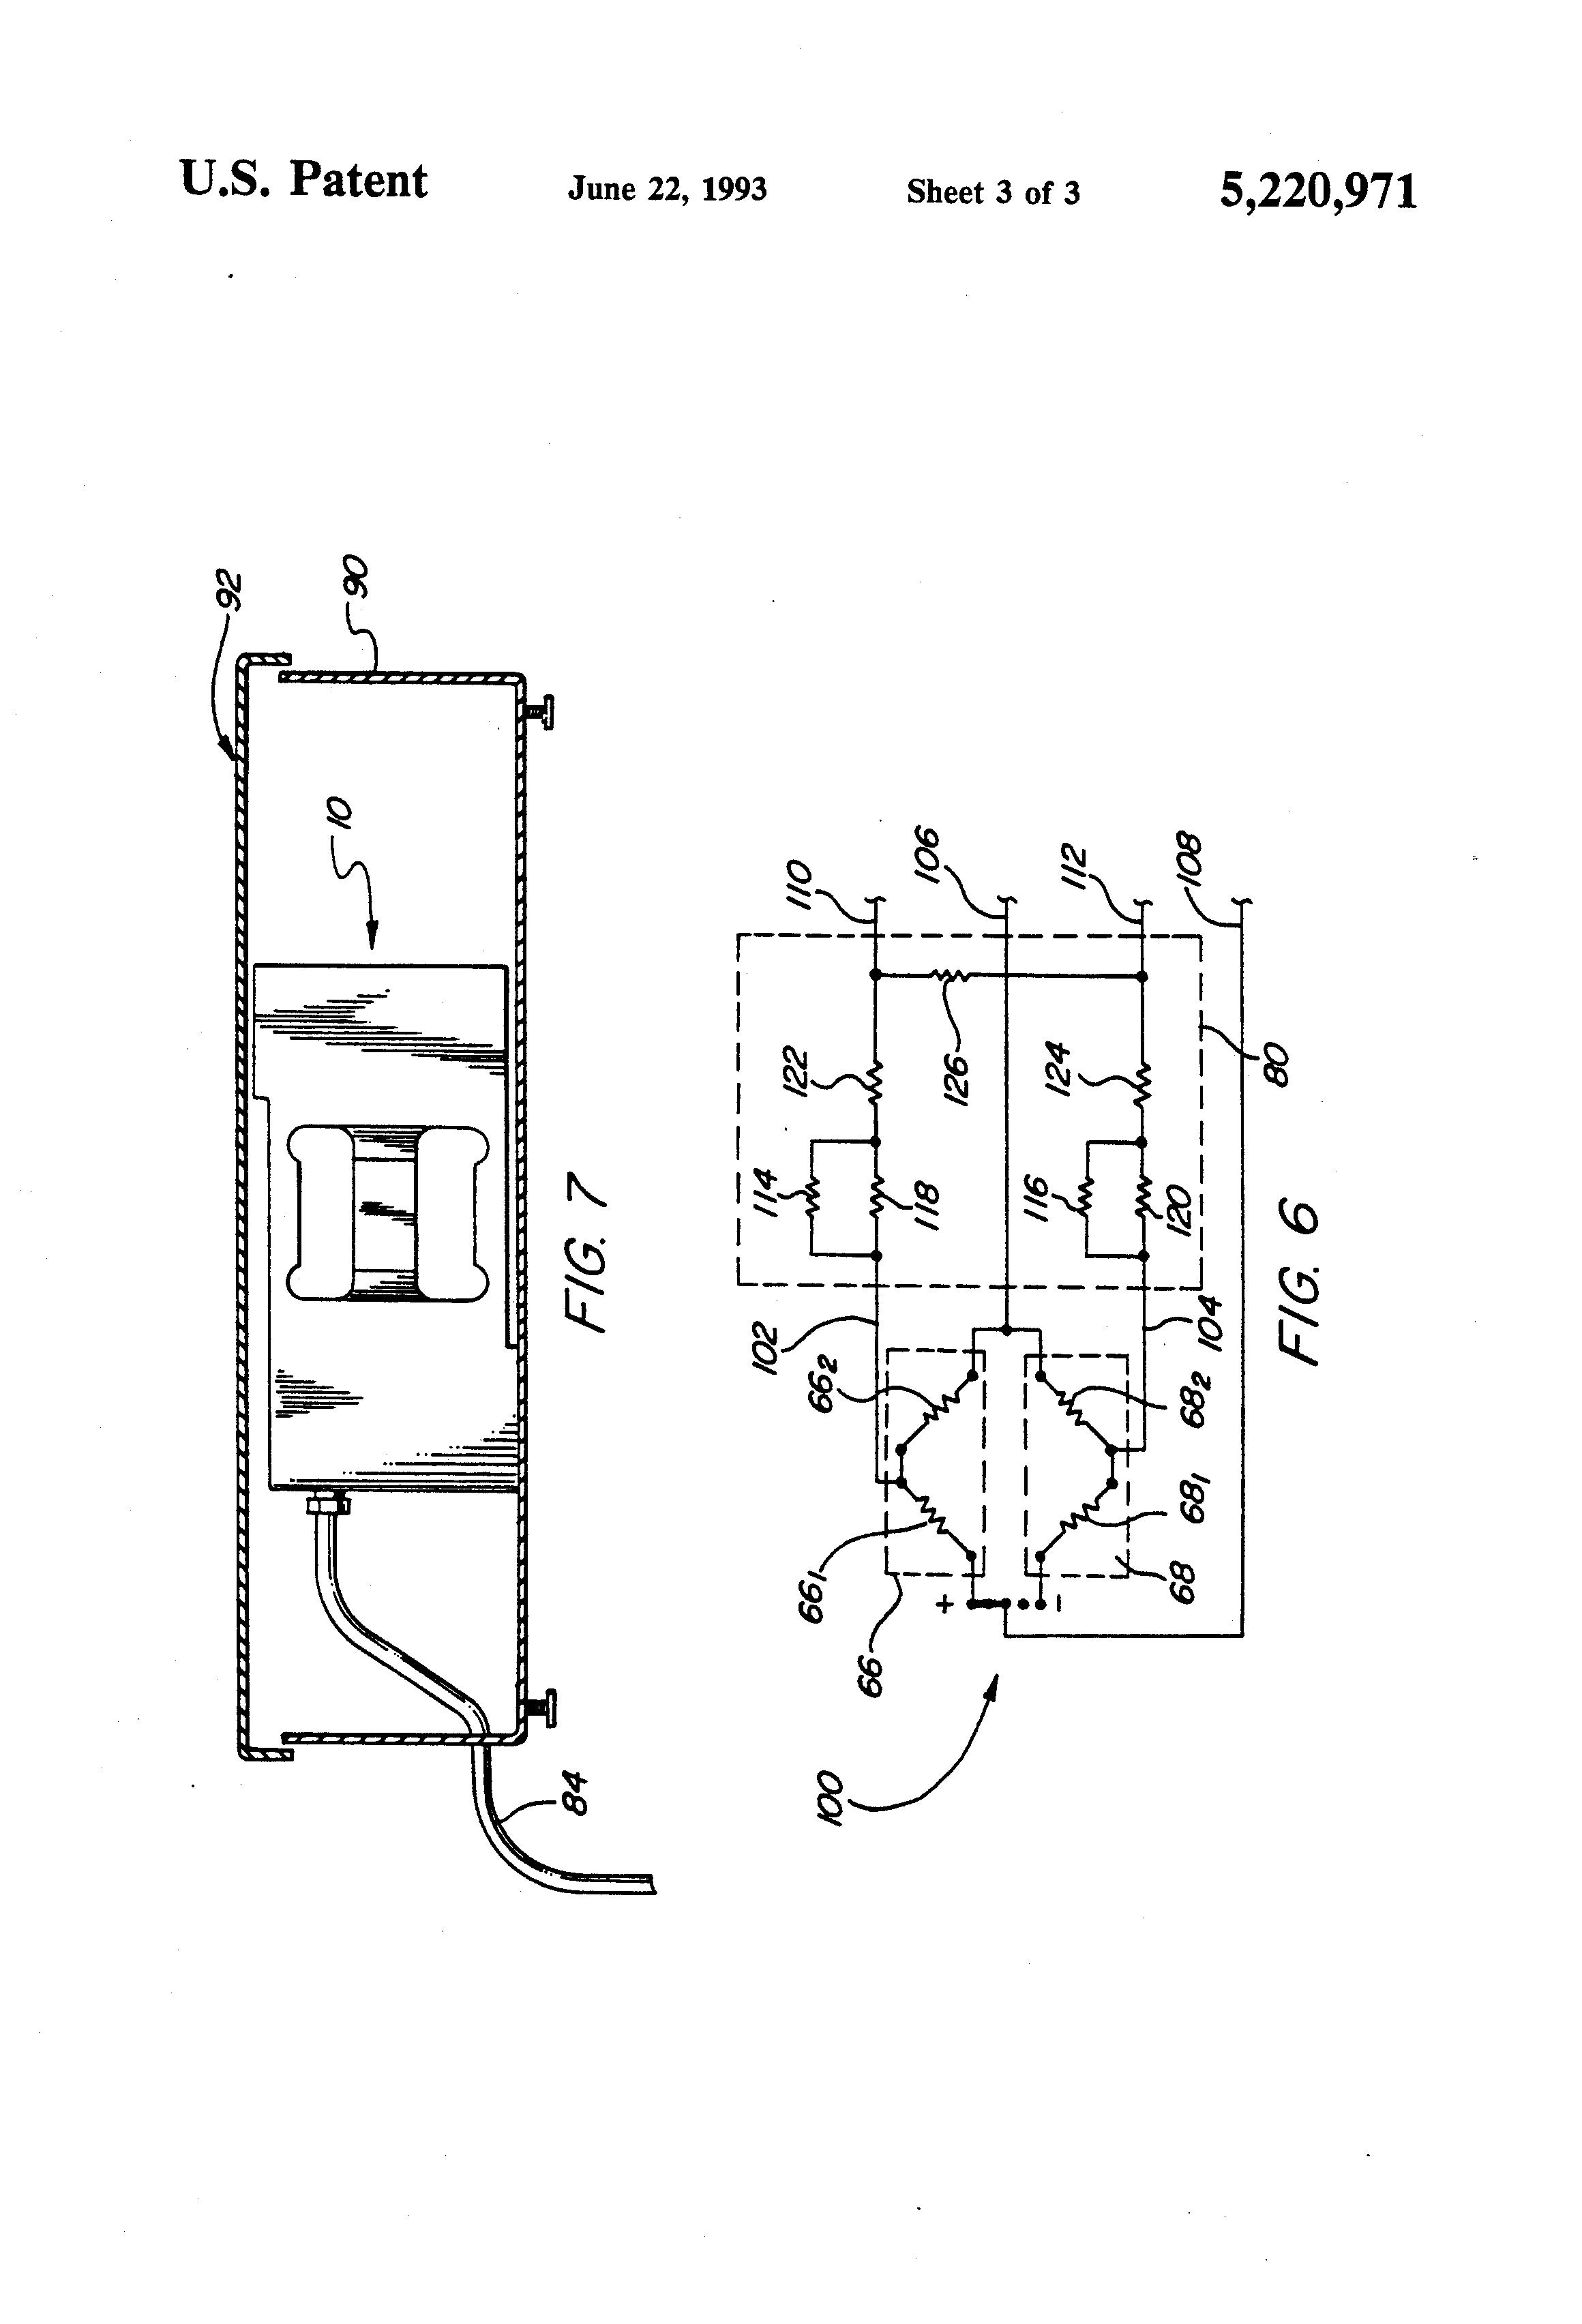 Weighbridge Wiring Diagram